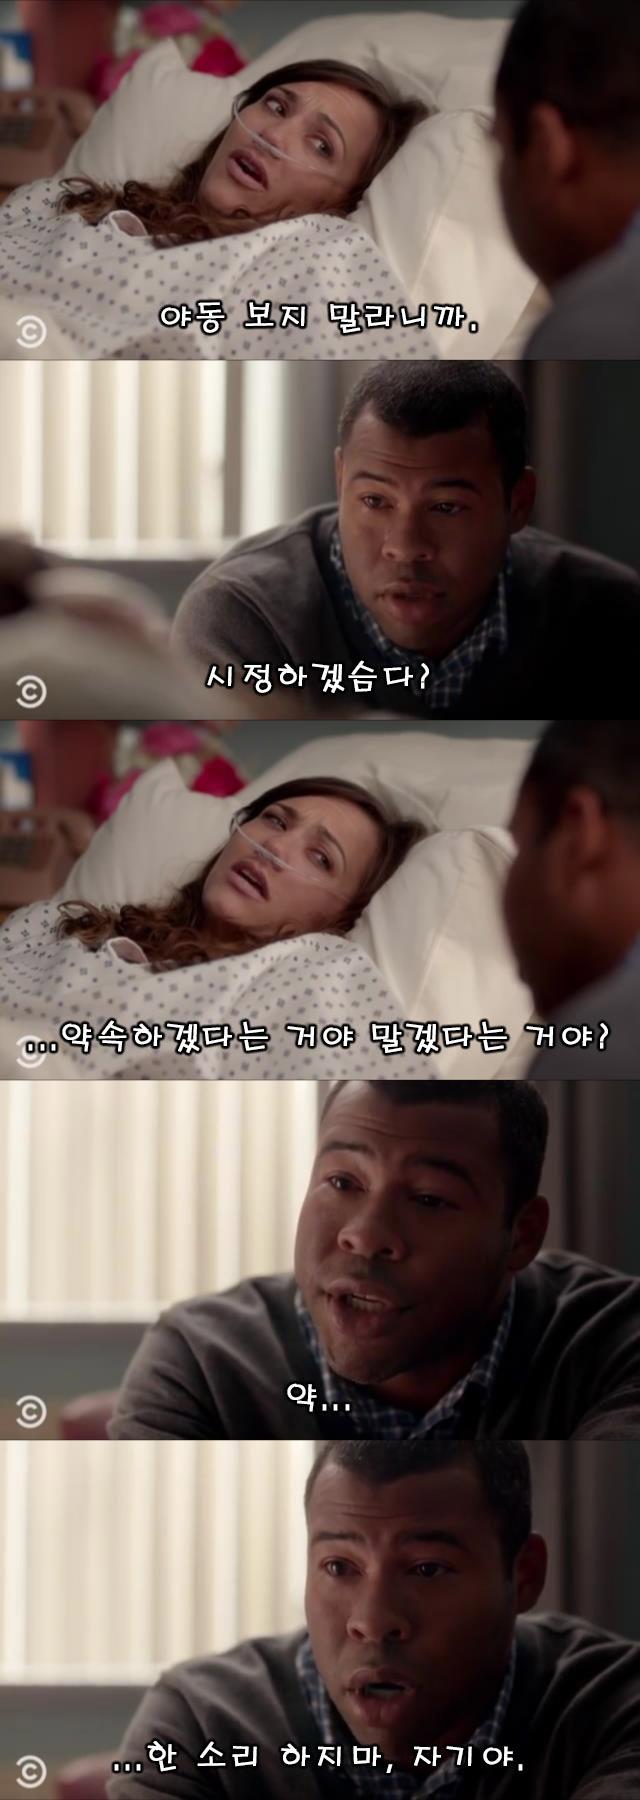 죽어가는 아내와의 약속 - 꾸르